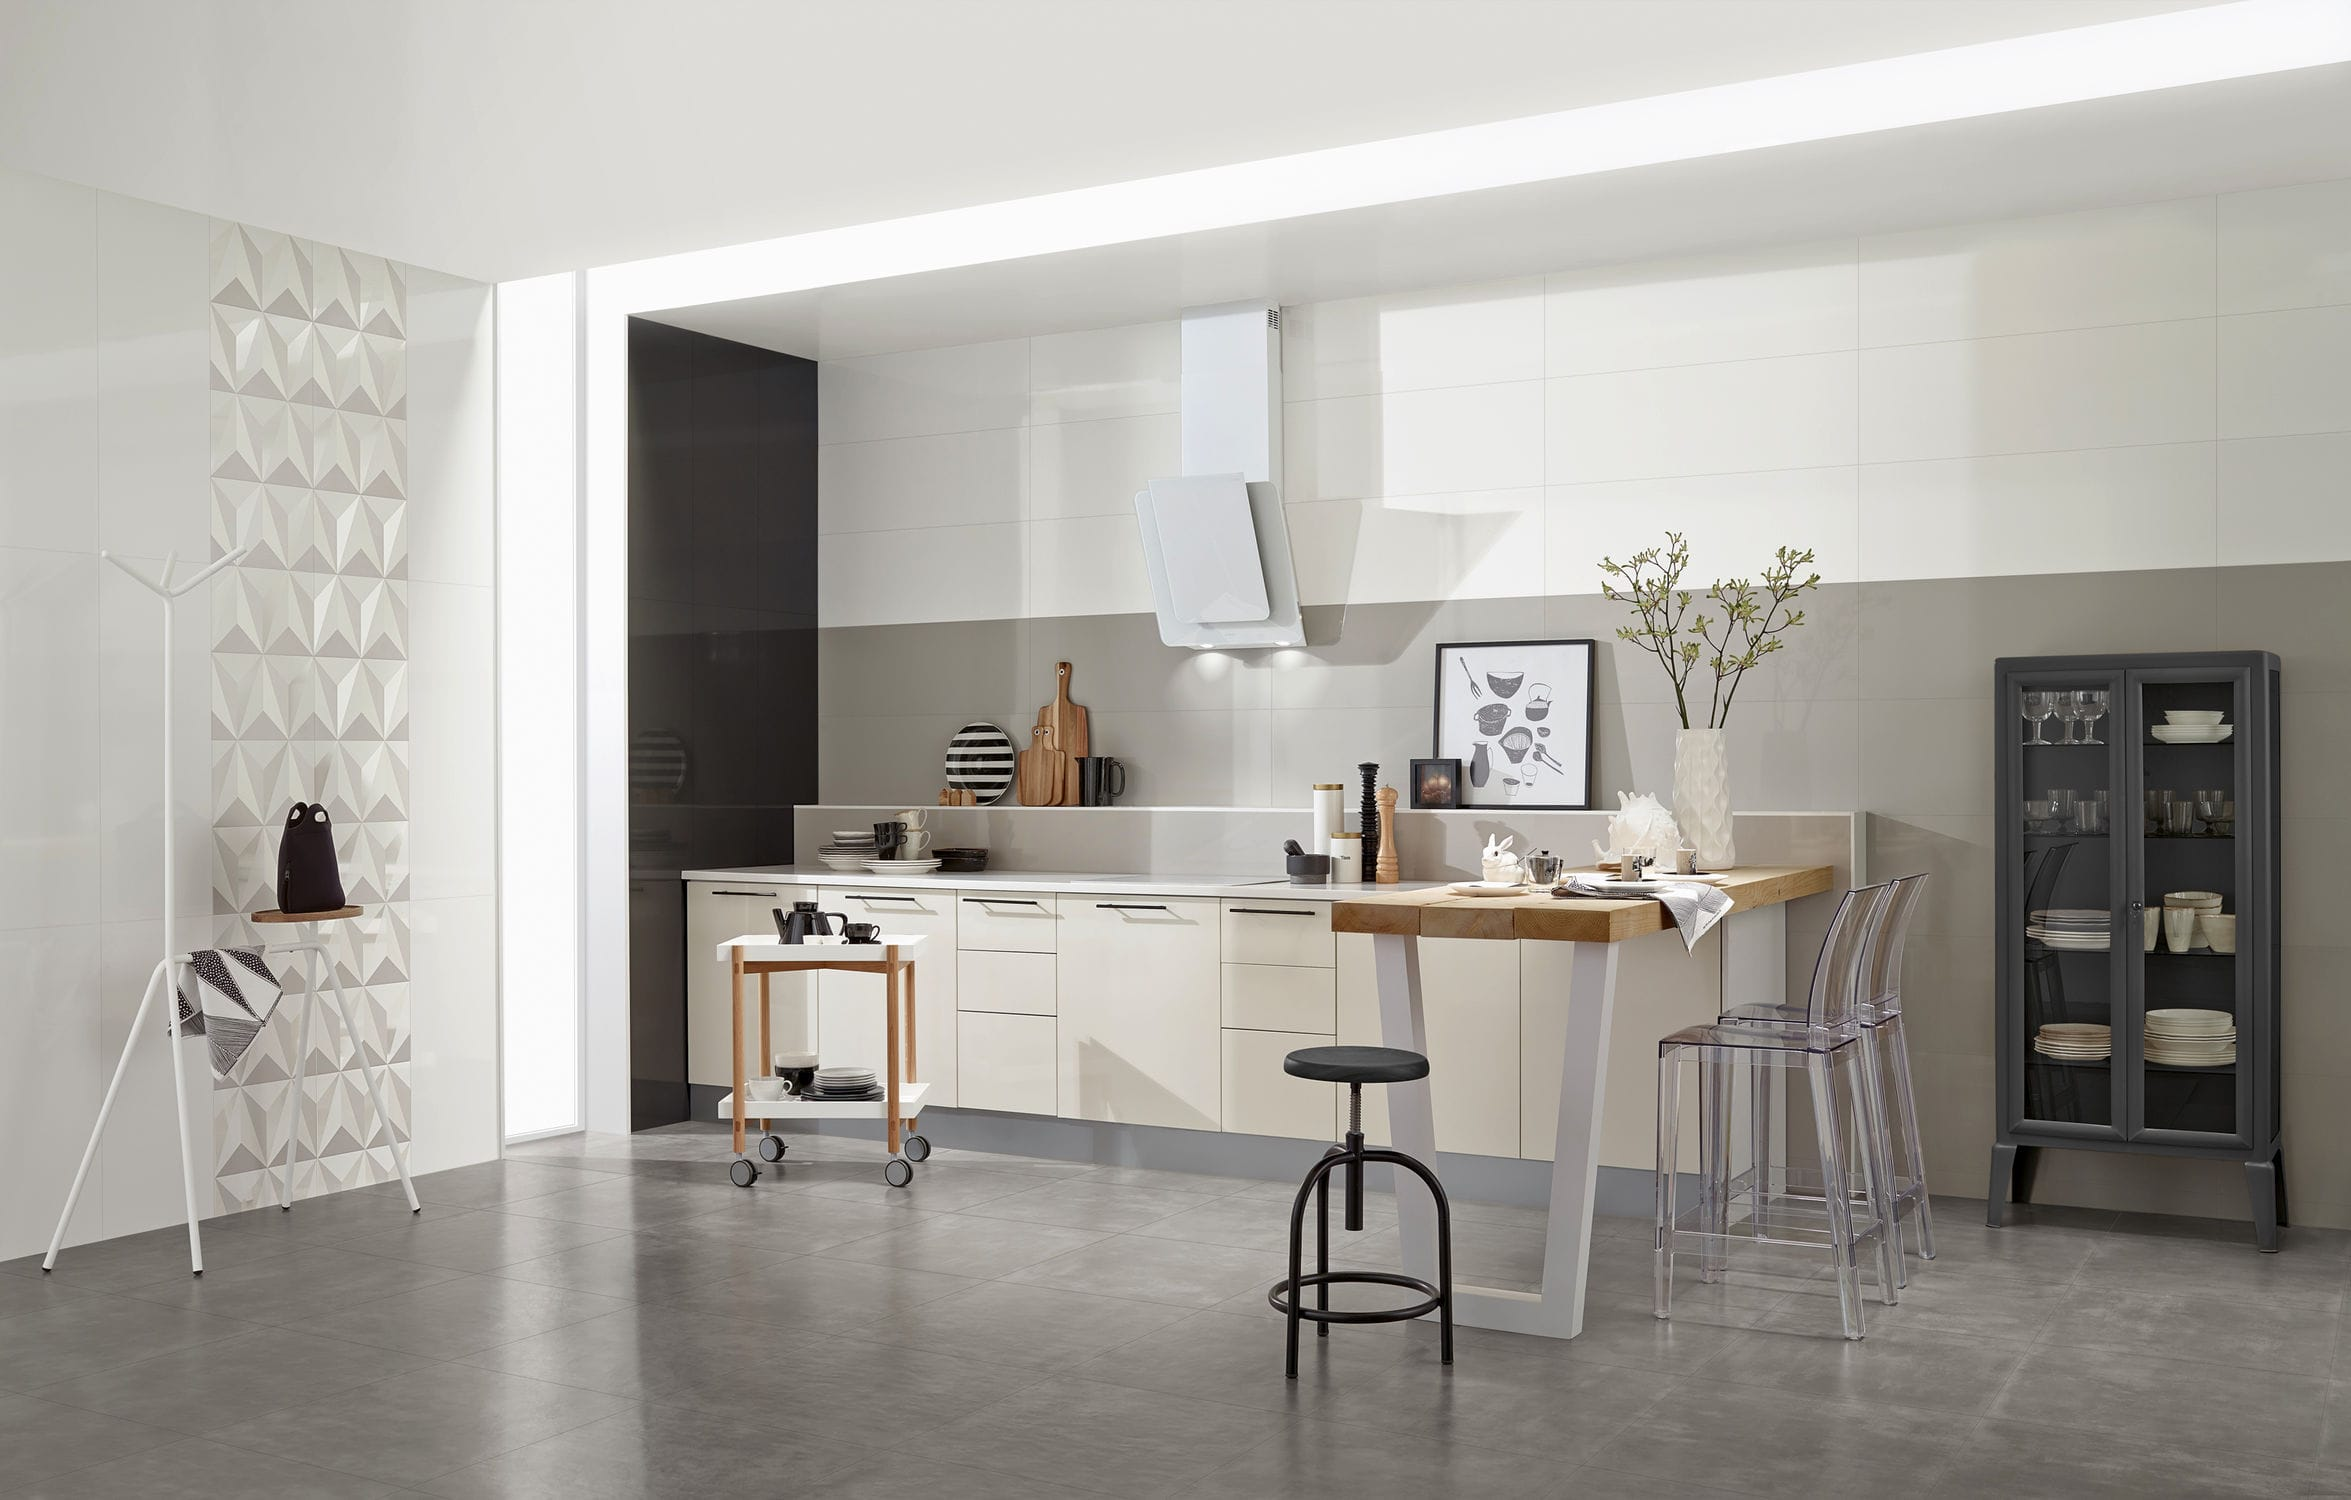 Indoor tile floor ceramic striped acqua love ceramic indoor tile floor ceramic striped acqua love ceramic tiles dailygadgetfo Images